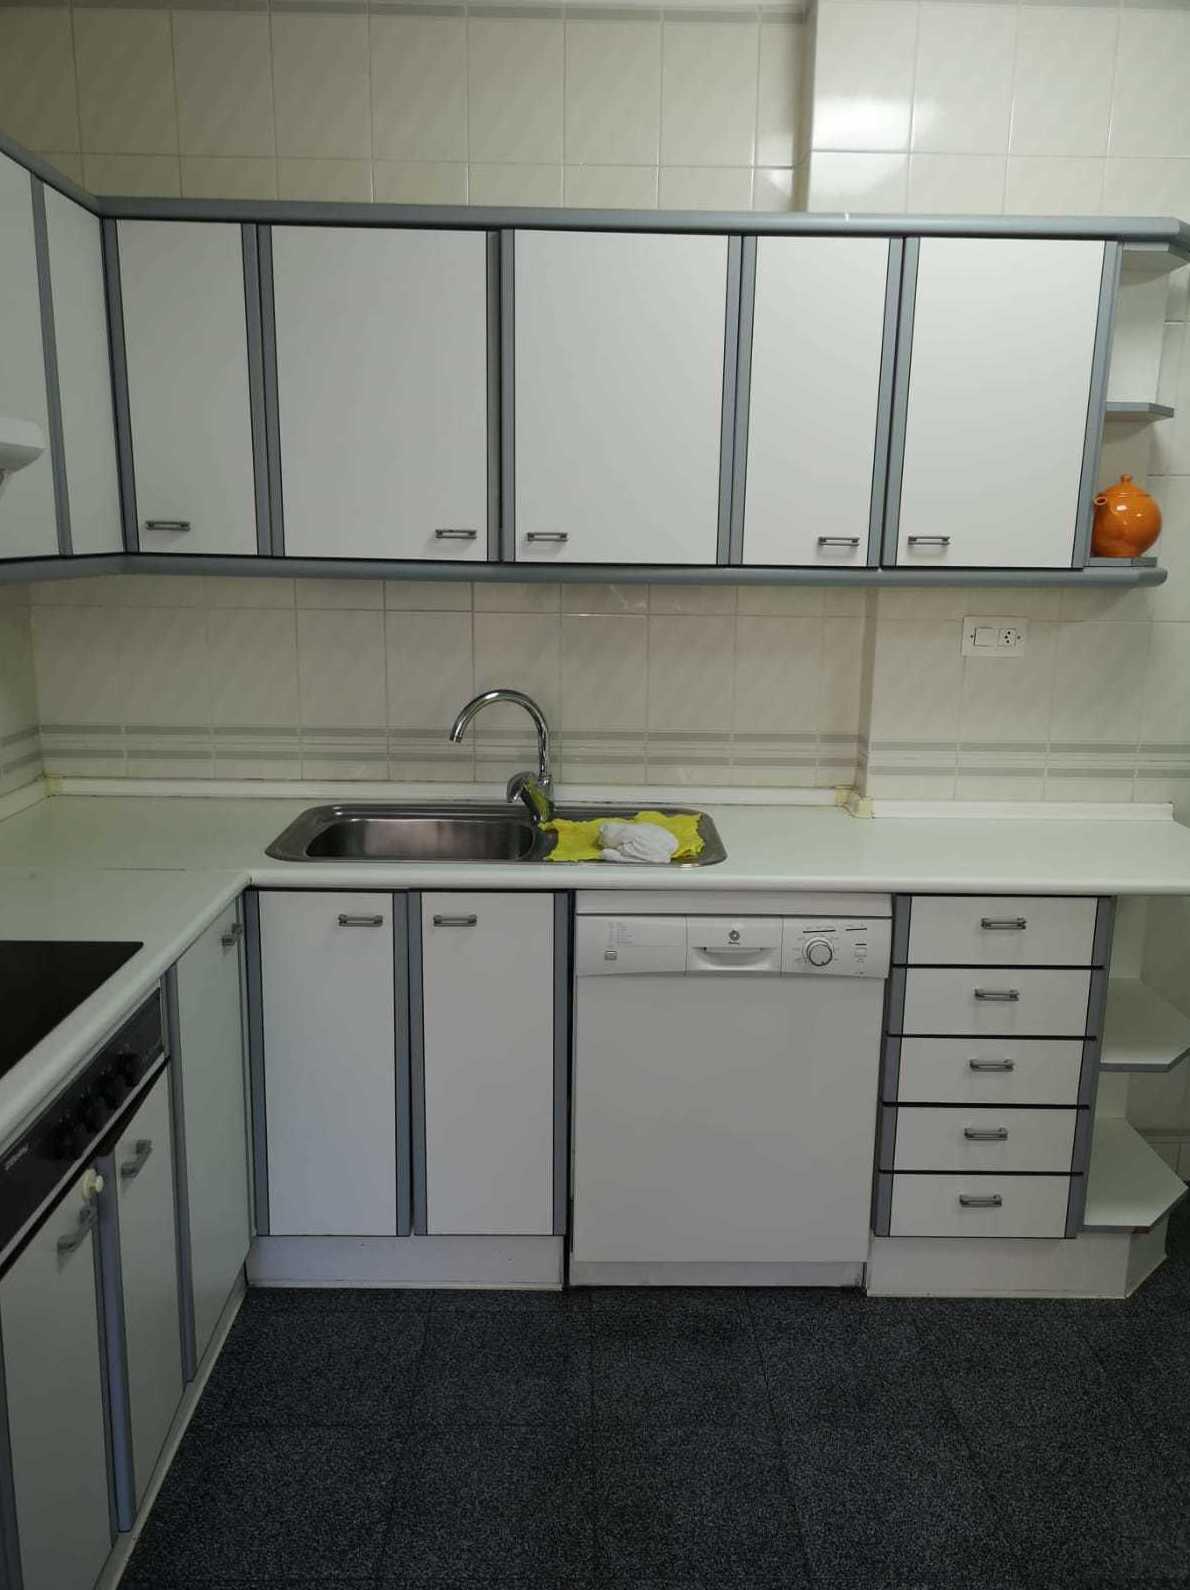 Foto 11 de Empresa de limpieza en Zaragoza | ServiClean Zaragoza